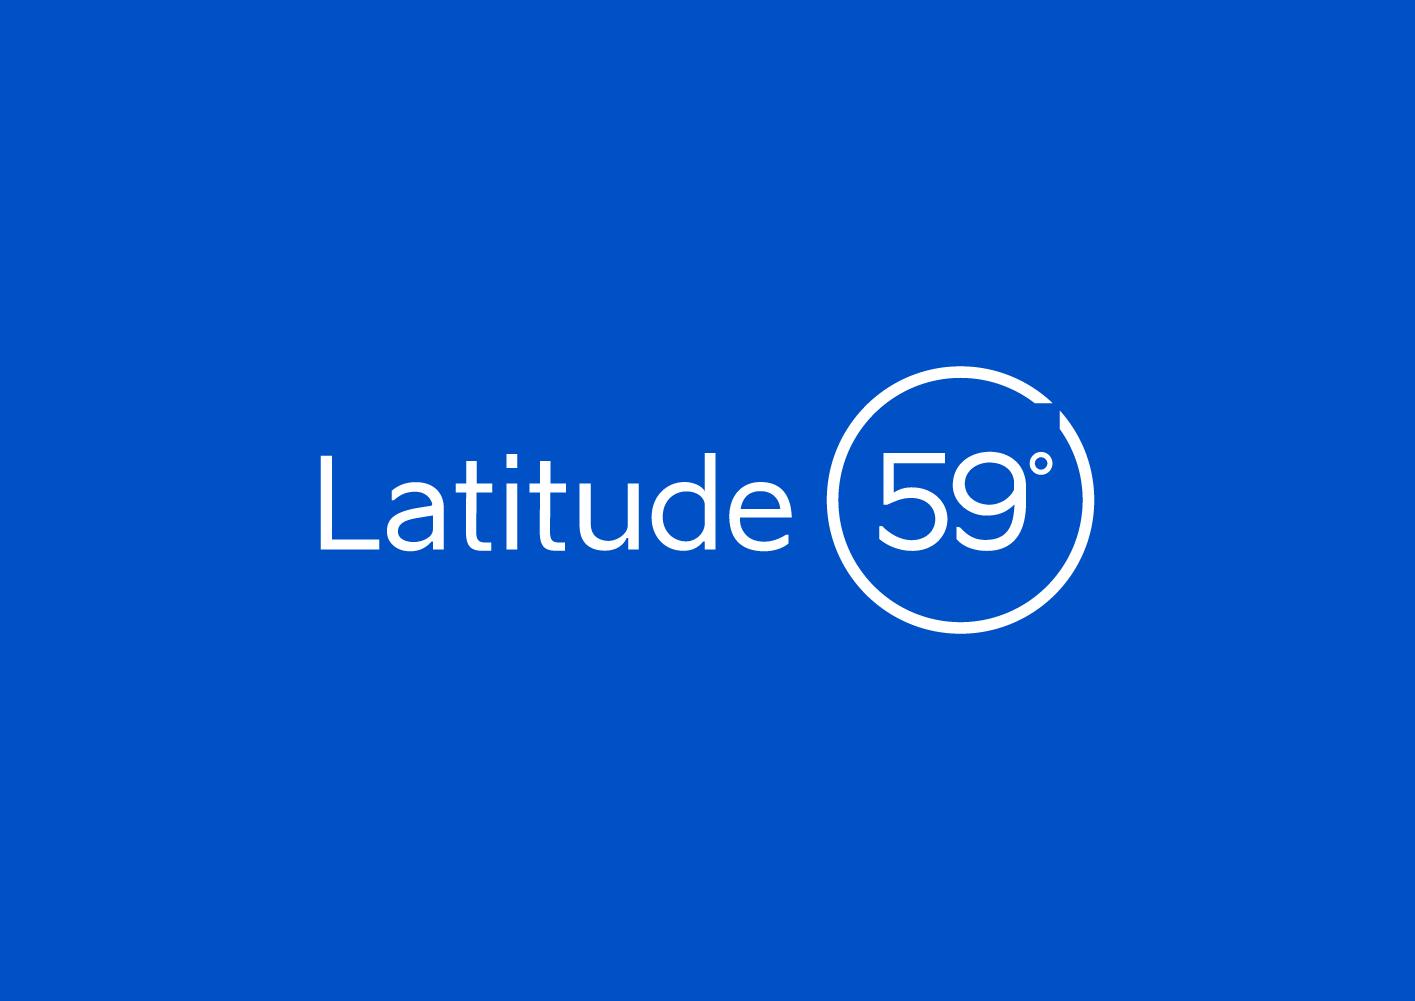 8964Latitude59 2019